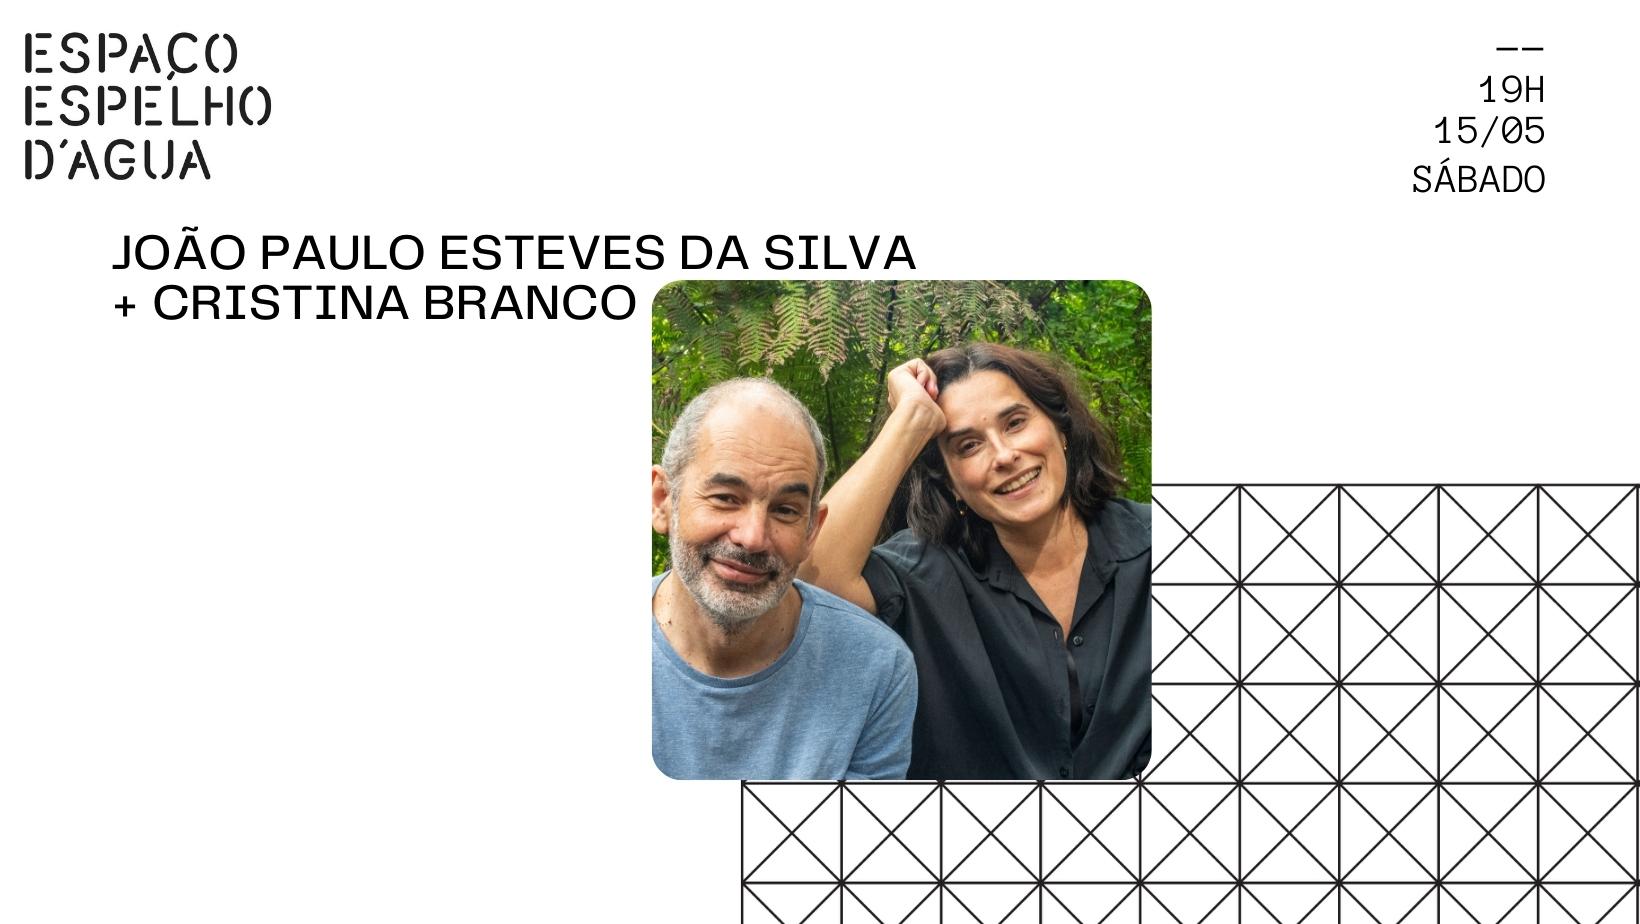 João Paulo Esteves da Silva e Cristina Branco no Espaço Espelho D'Água